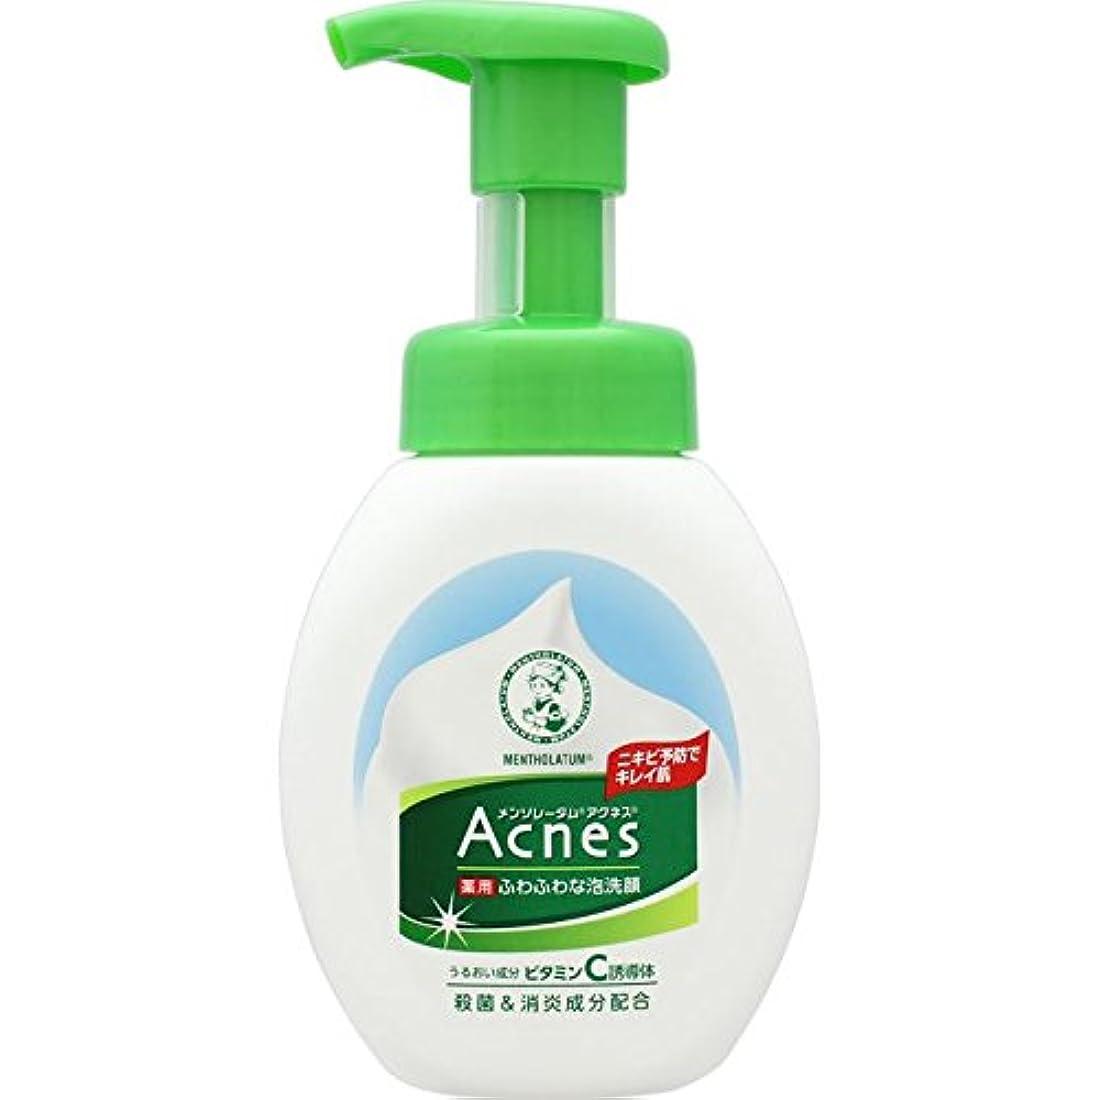 報告書アニメーションそれぞれAcnes(アクネス) 薬用ふわふわな泡洗顔 160mL【医薬部外品】